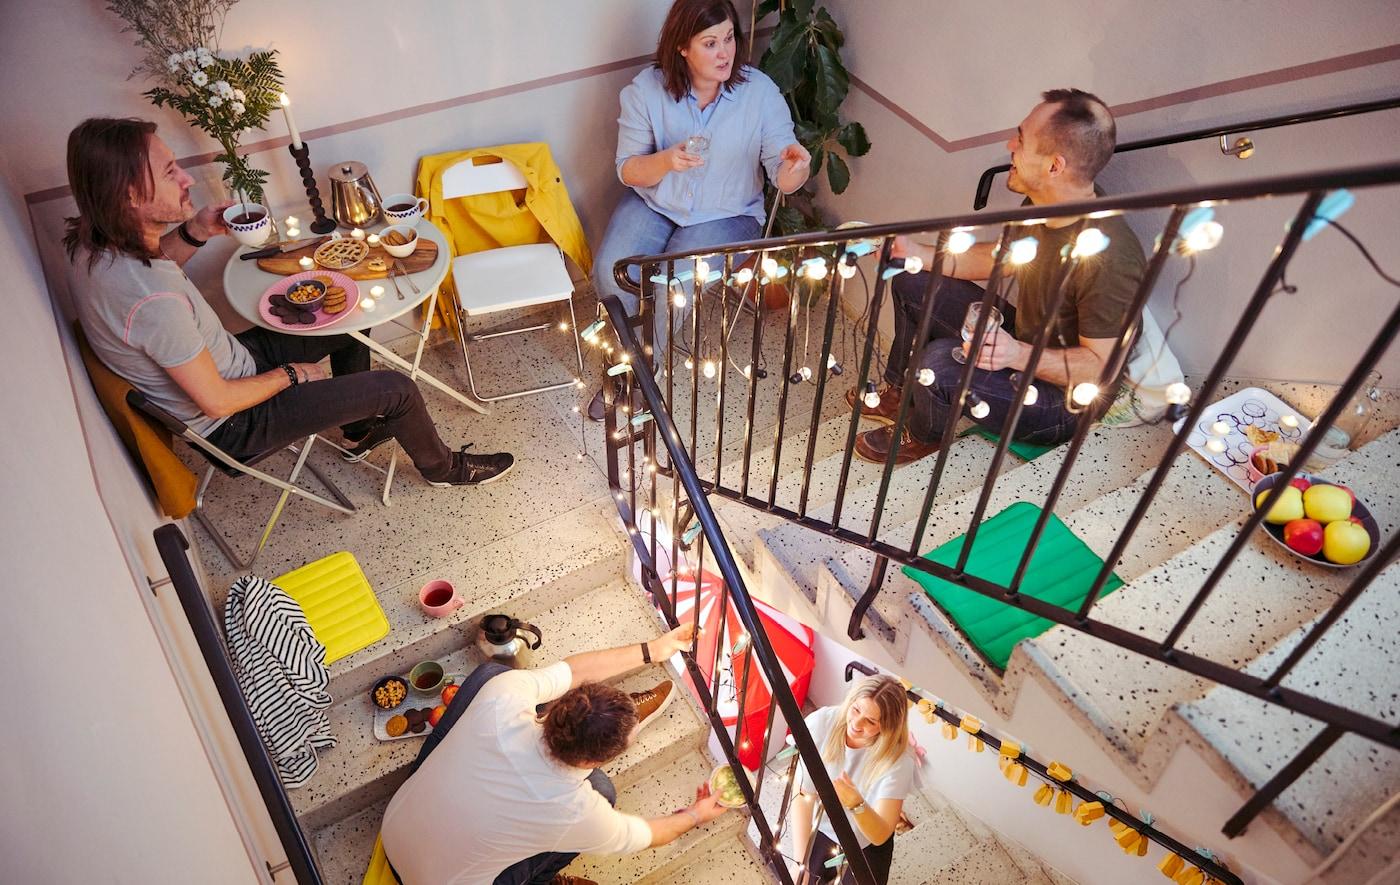 مجموعةمن الرجال والنساء، يتحدثون ويتشاركون المأكولاتالخفيفةوهم جالسينومنتشرين على مستويات مختلفةمن درج.